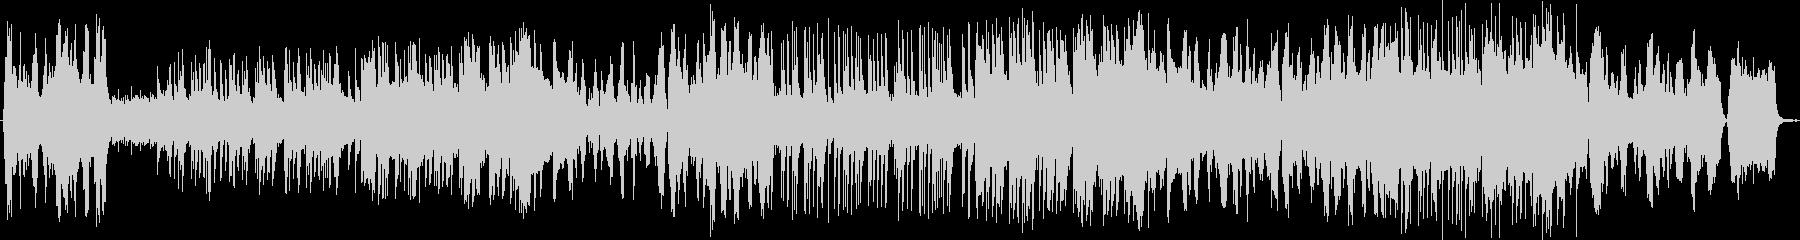 ストリングスとビアノの優雅な午後のBGMの未再生の波形